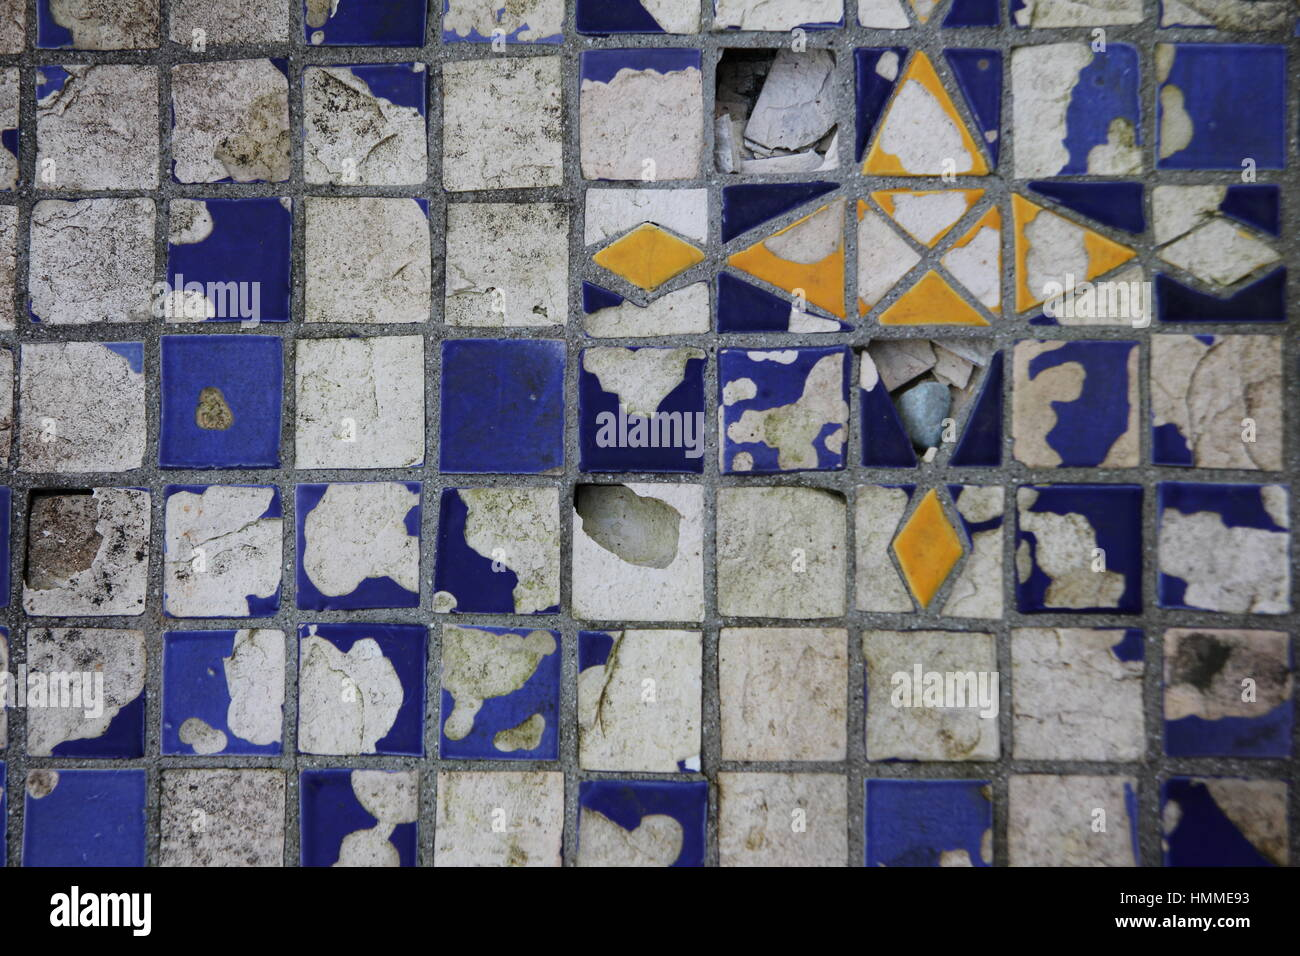 Tessere per mosaico foto & immagine stock: 133215967 alamy